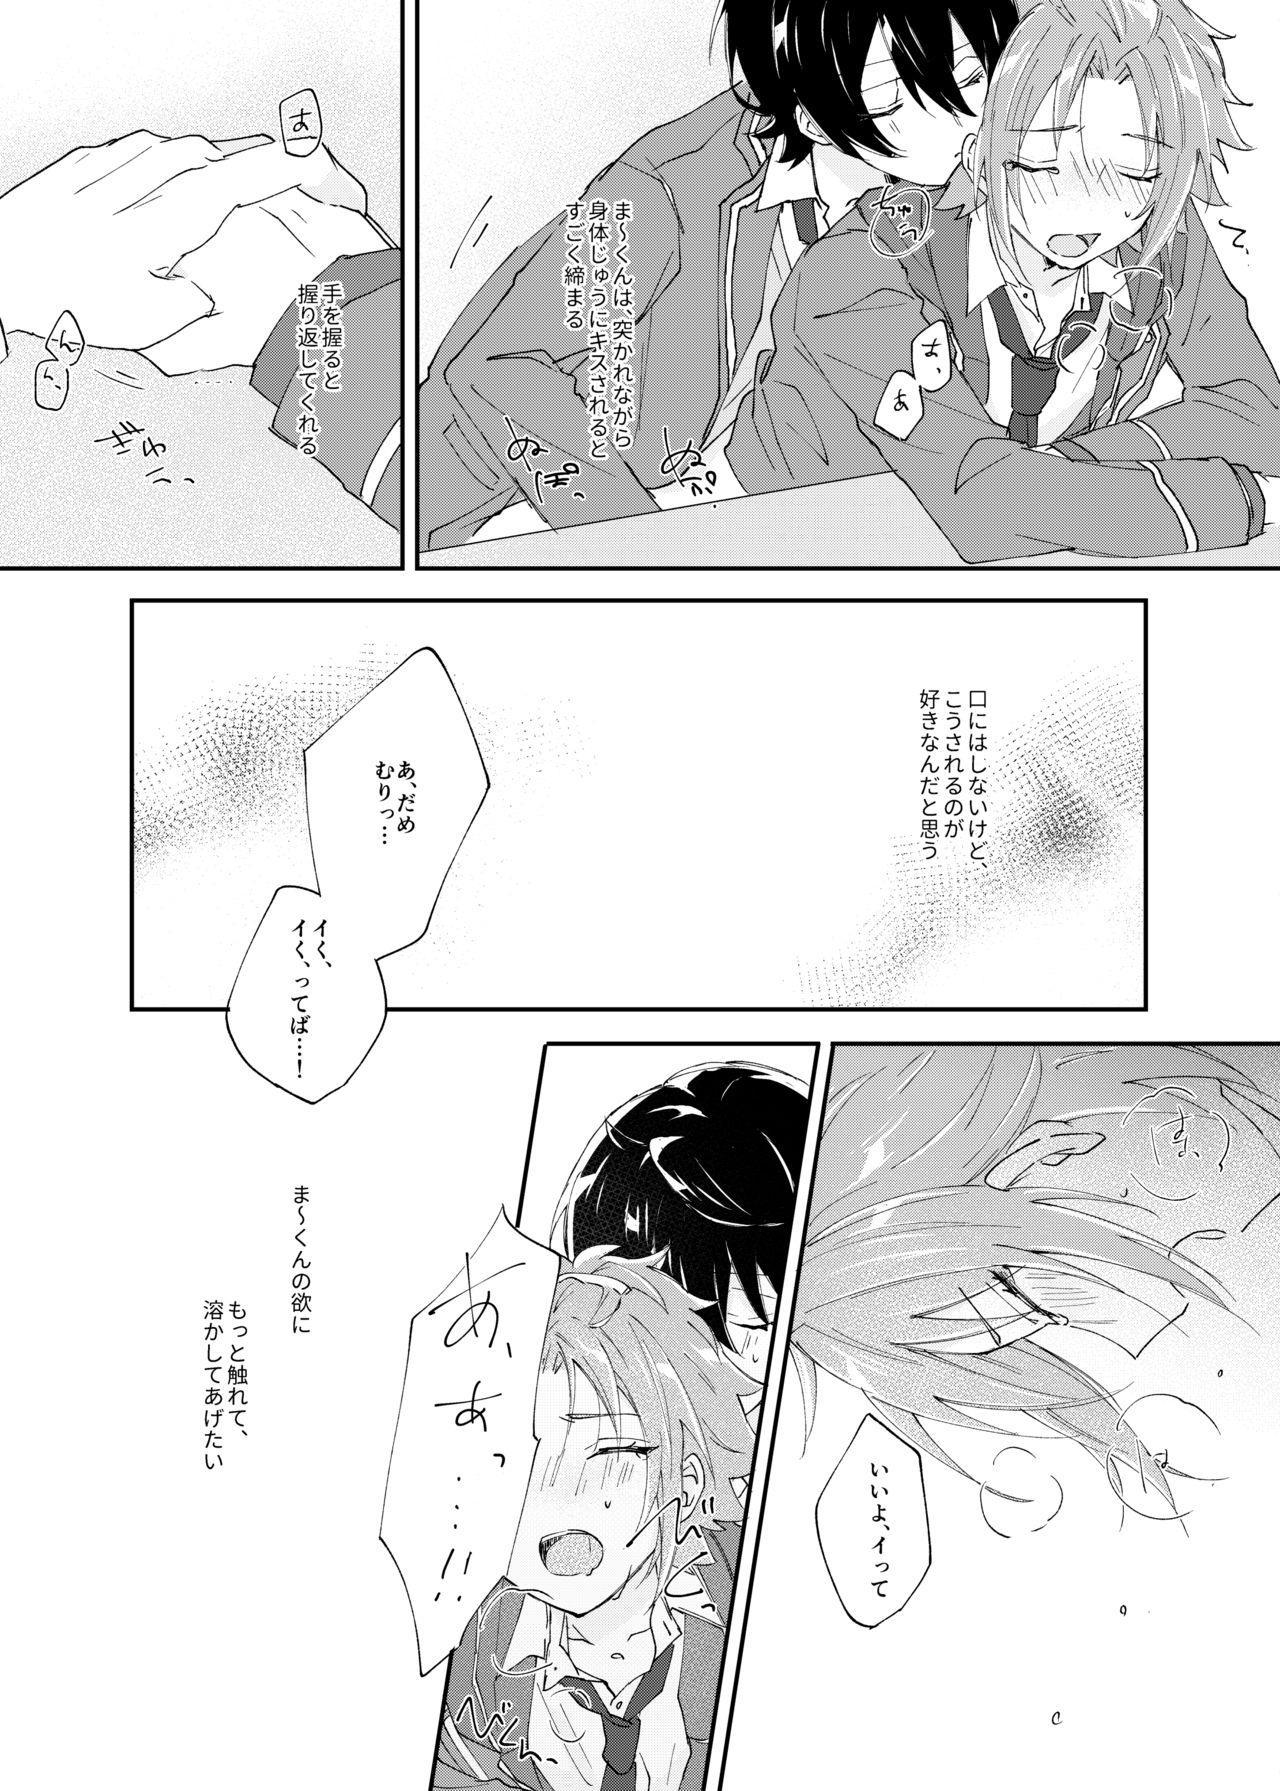 Rou o Tokashite 21